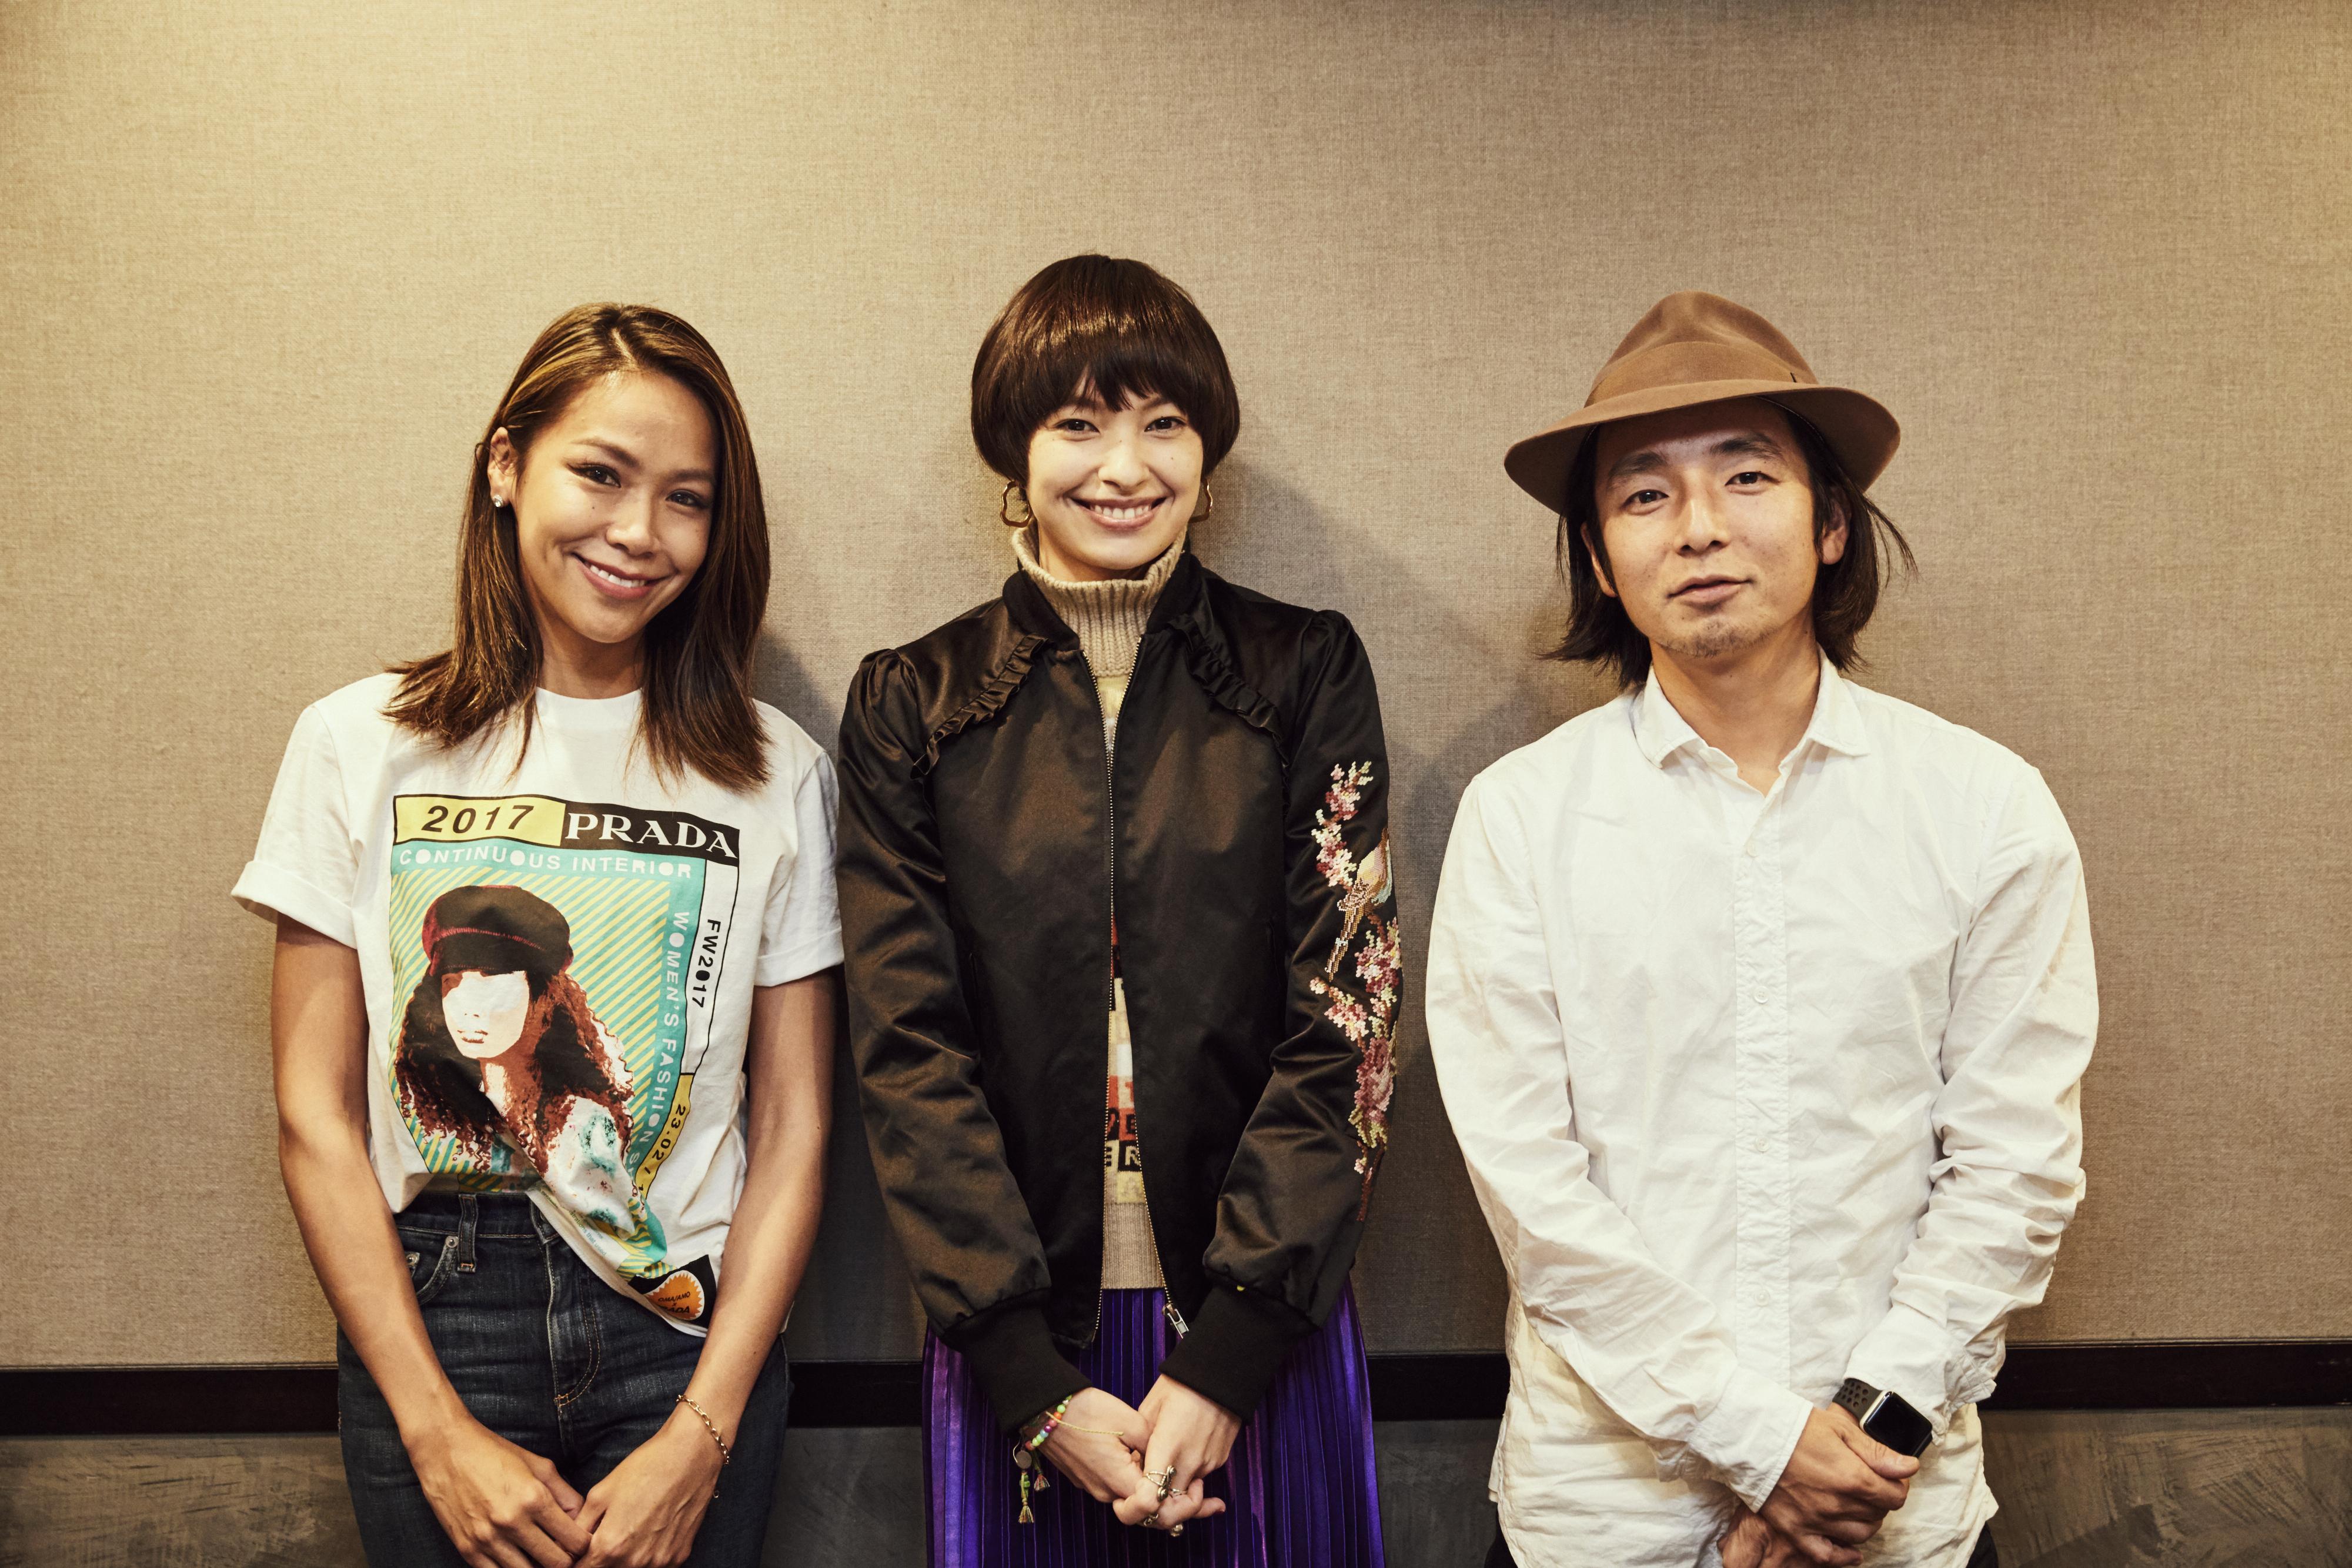 ナビゲーターを務めるのは、AKOさん、ウェブマガジン『フイナム』編集長の小牟田亮さん。 第7回目のゲストは、女優の太田莉菜さんです!